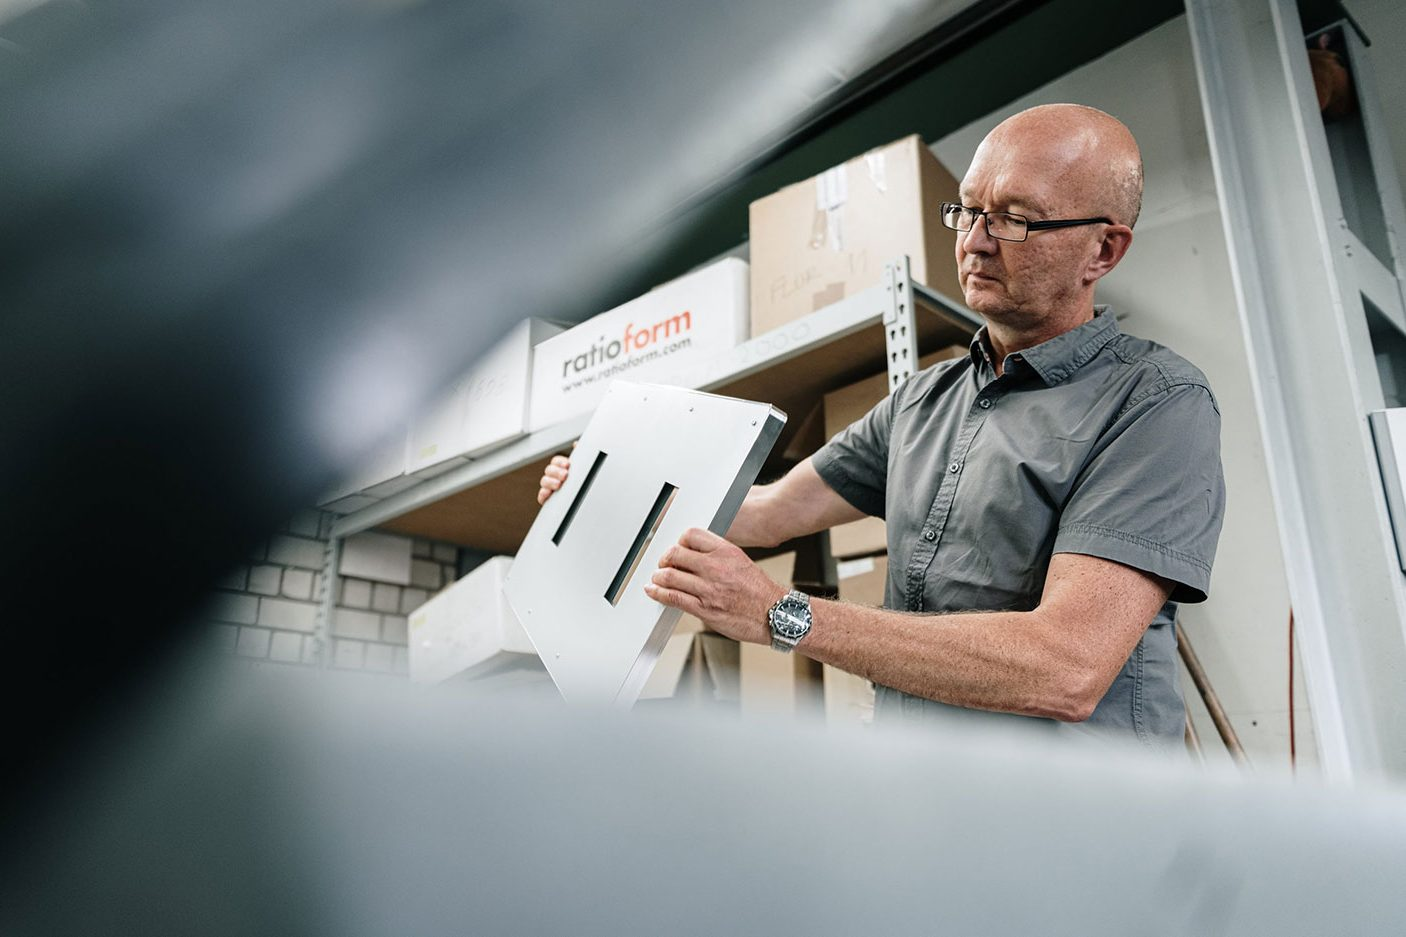 Ein Mitarbeiter hält ein großes Metallteil in der Hand und betrachtet es genau